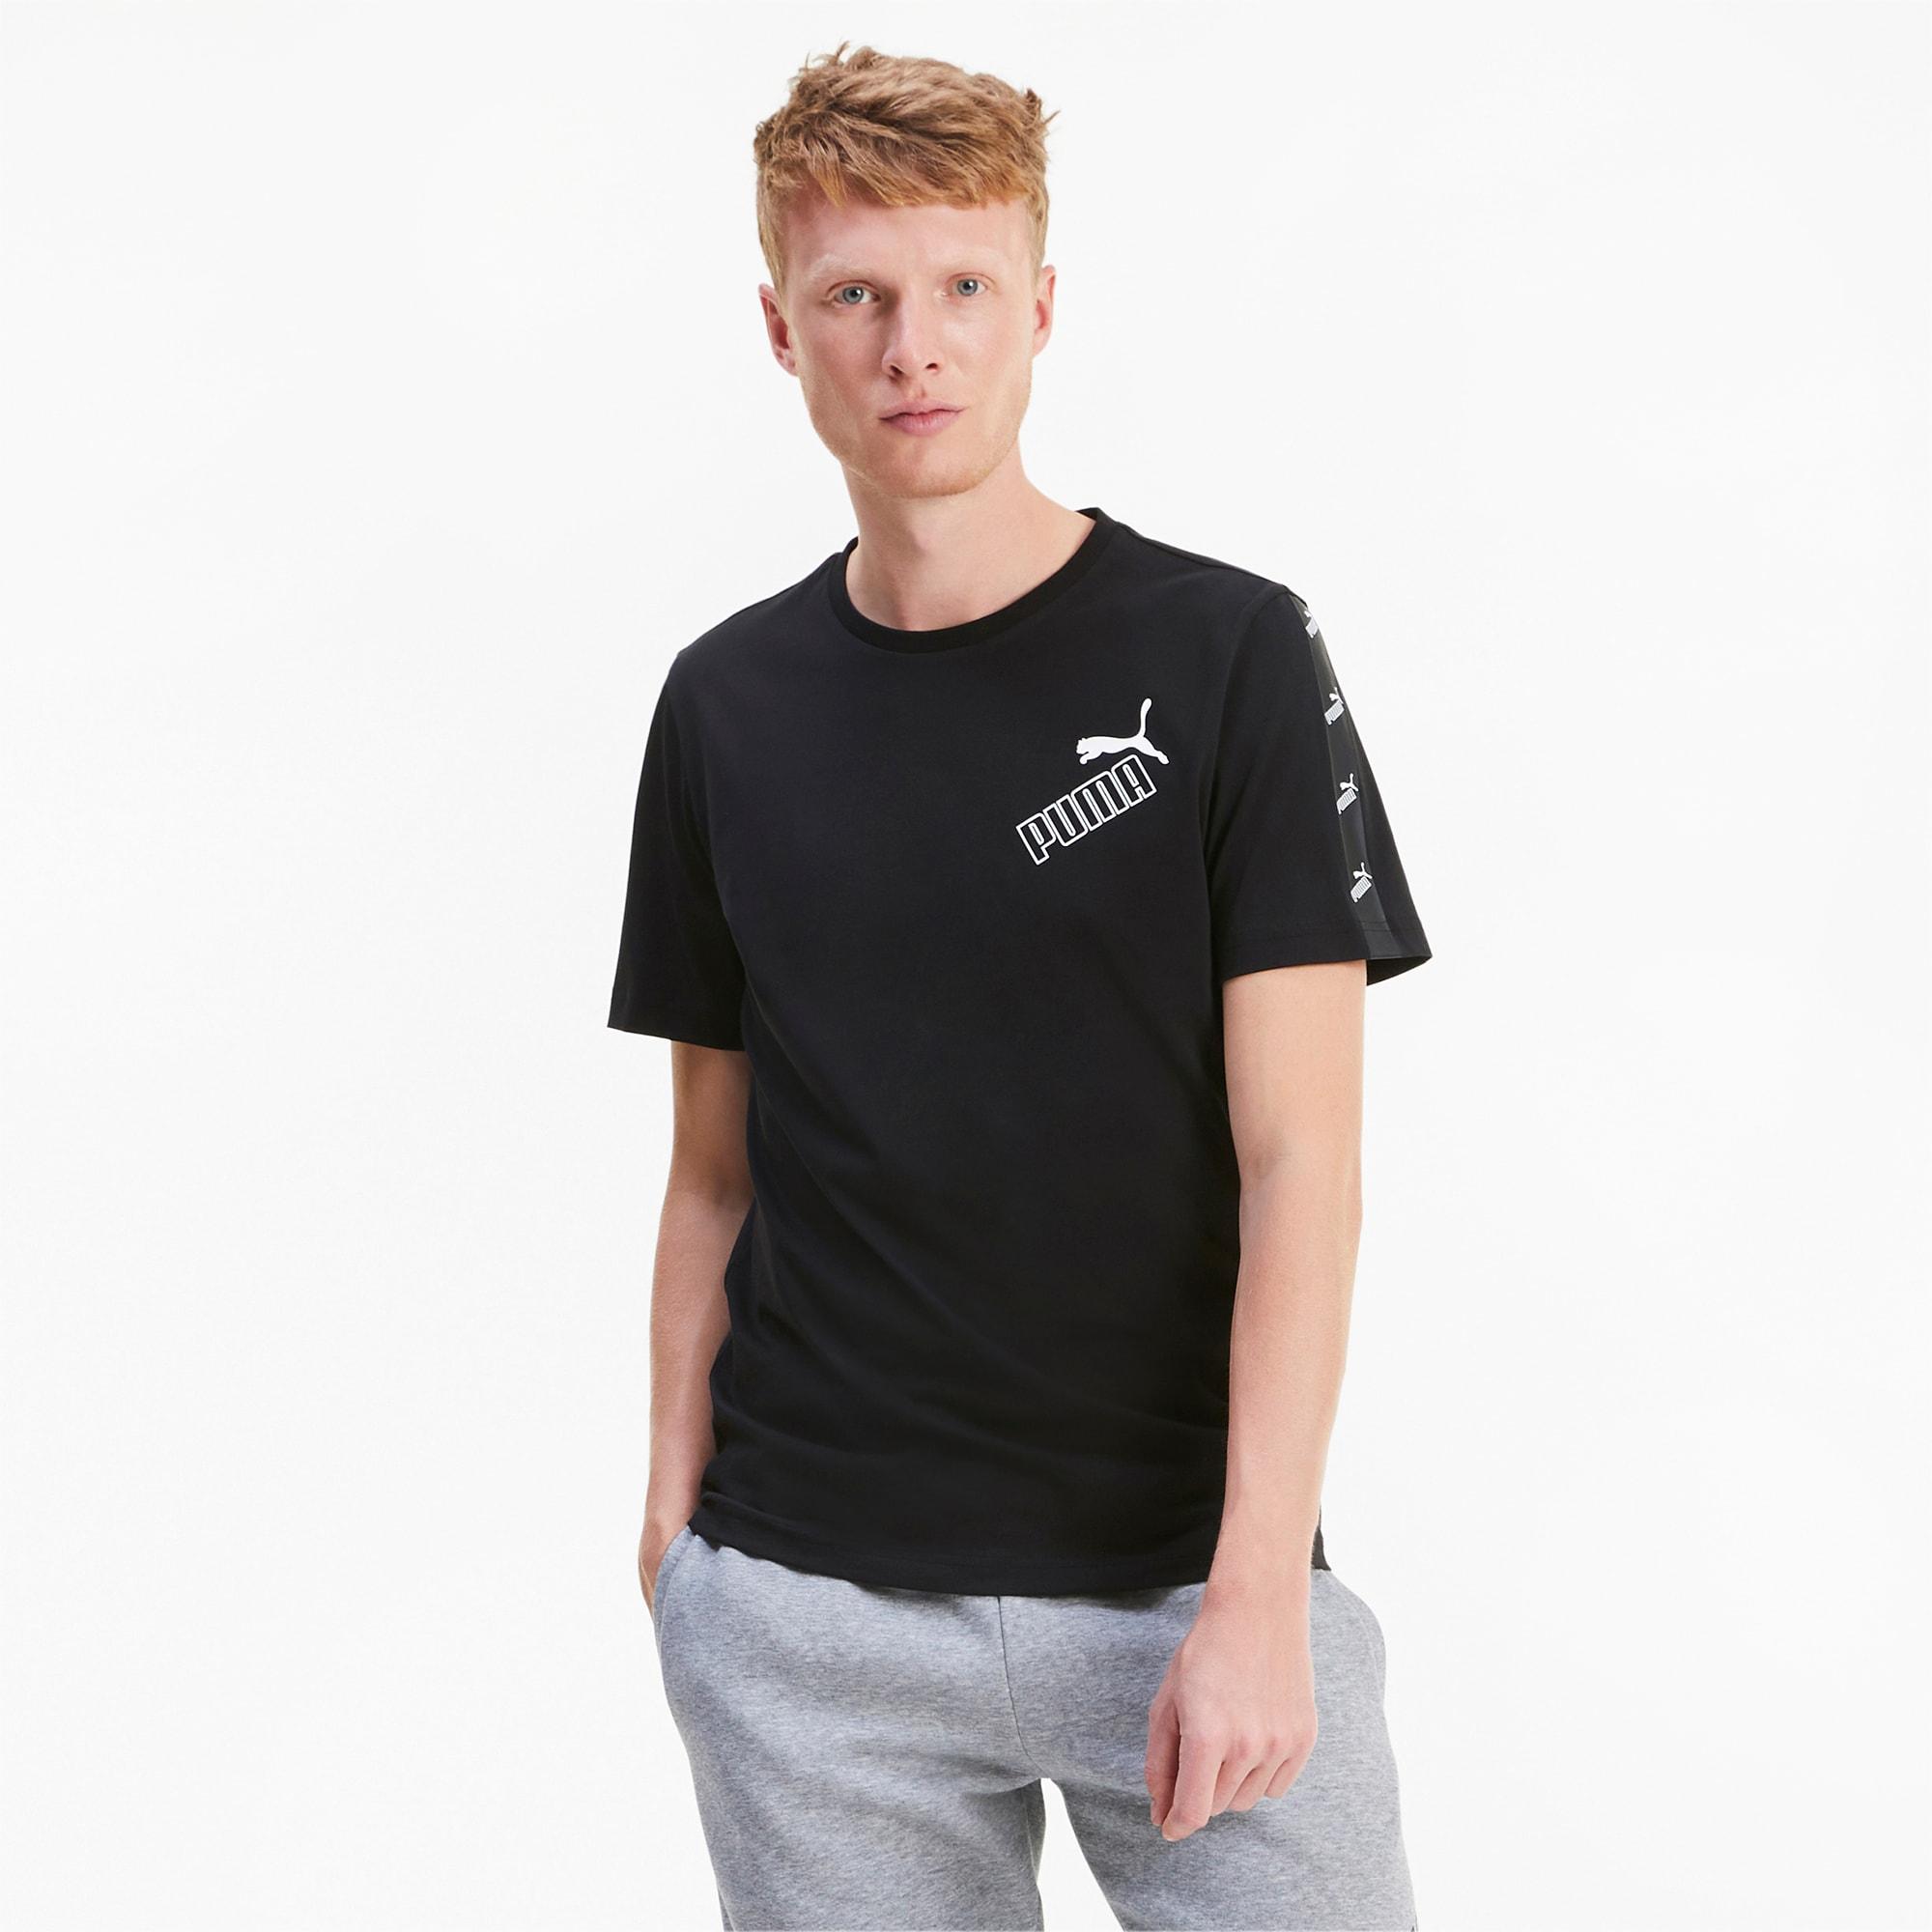 PUMA Amplified Herren T-Shirt | Mit Aucun | Schwarz | Größe: L